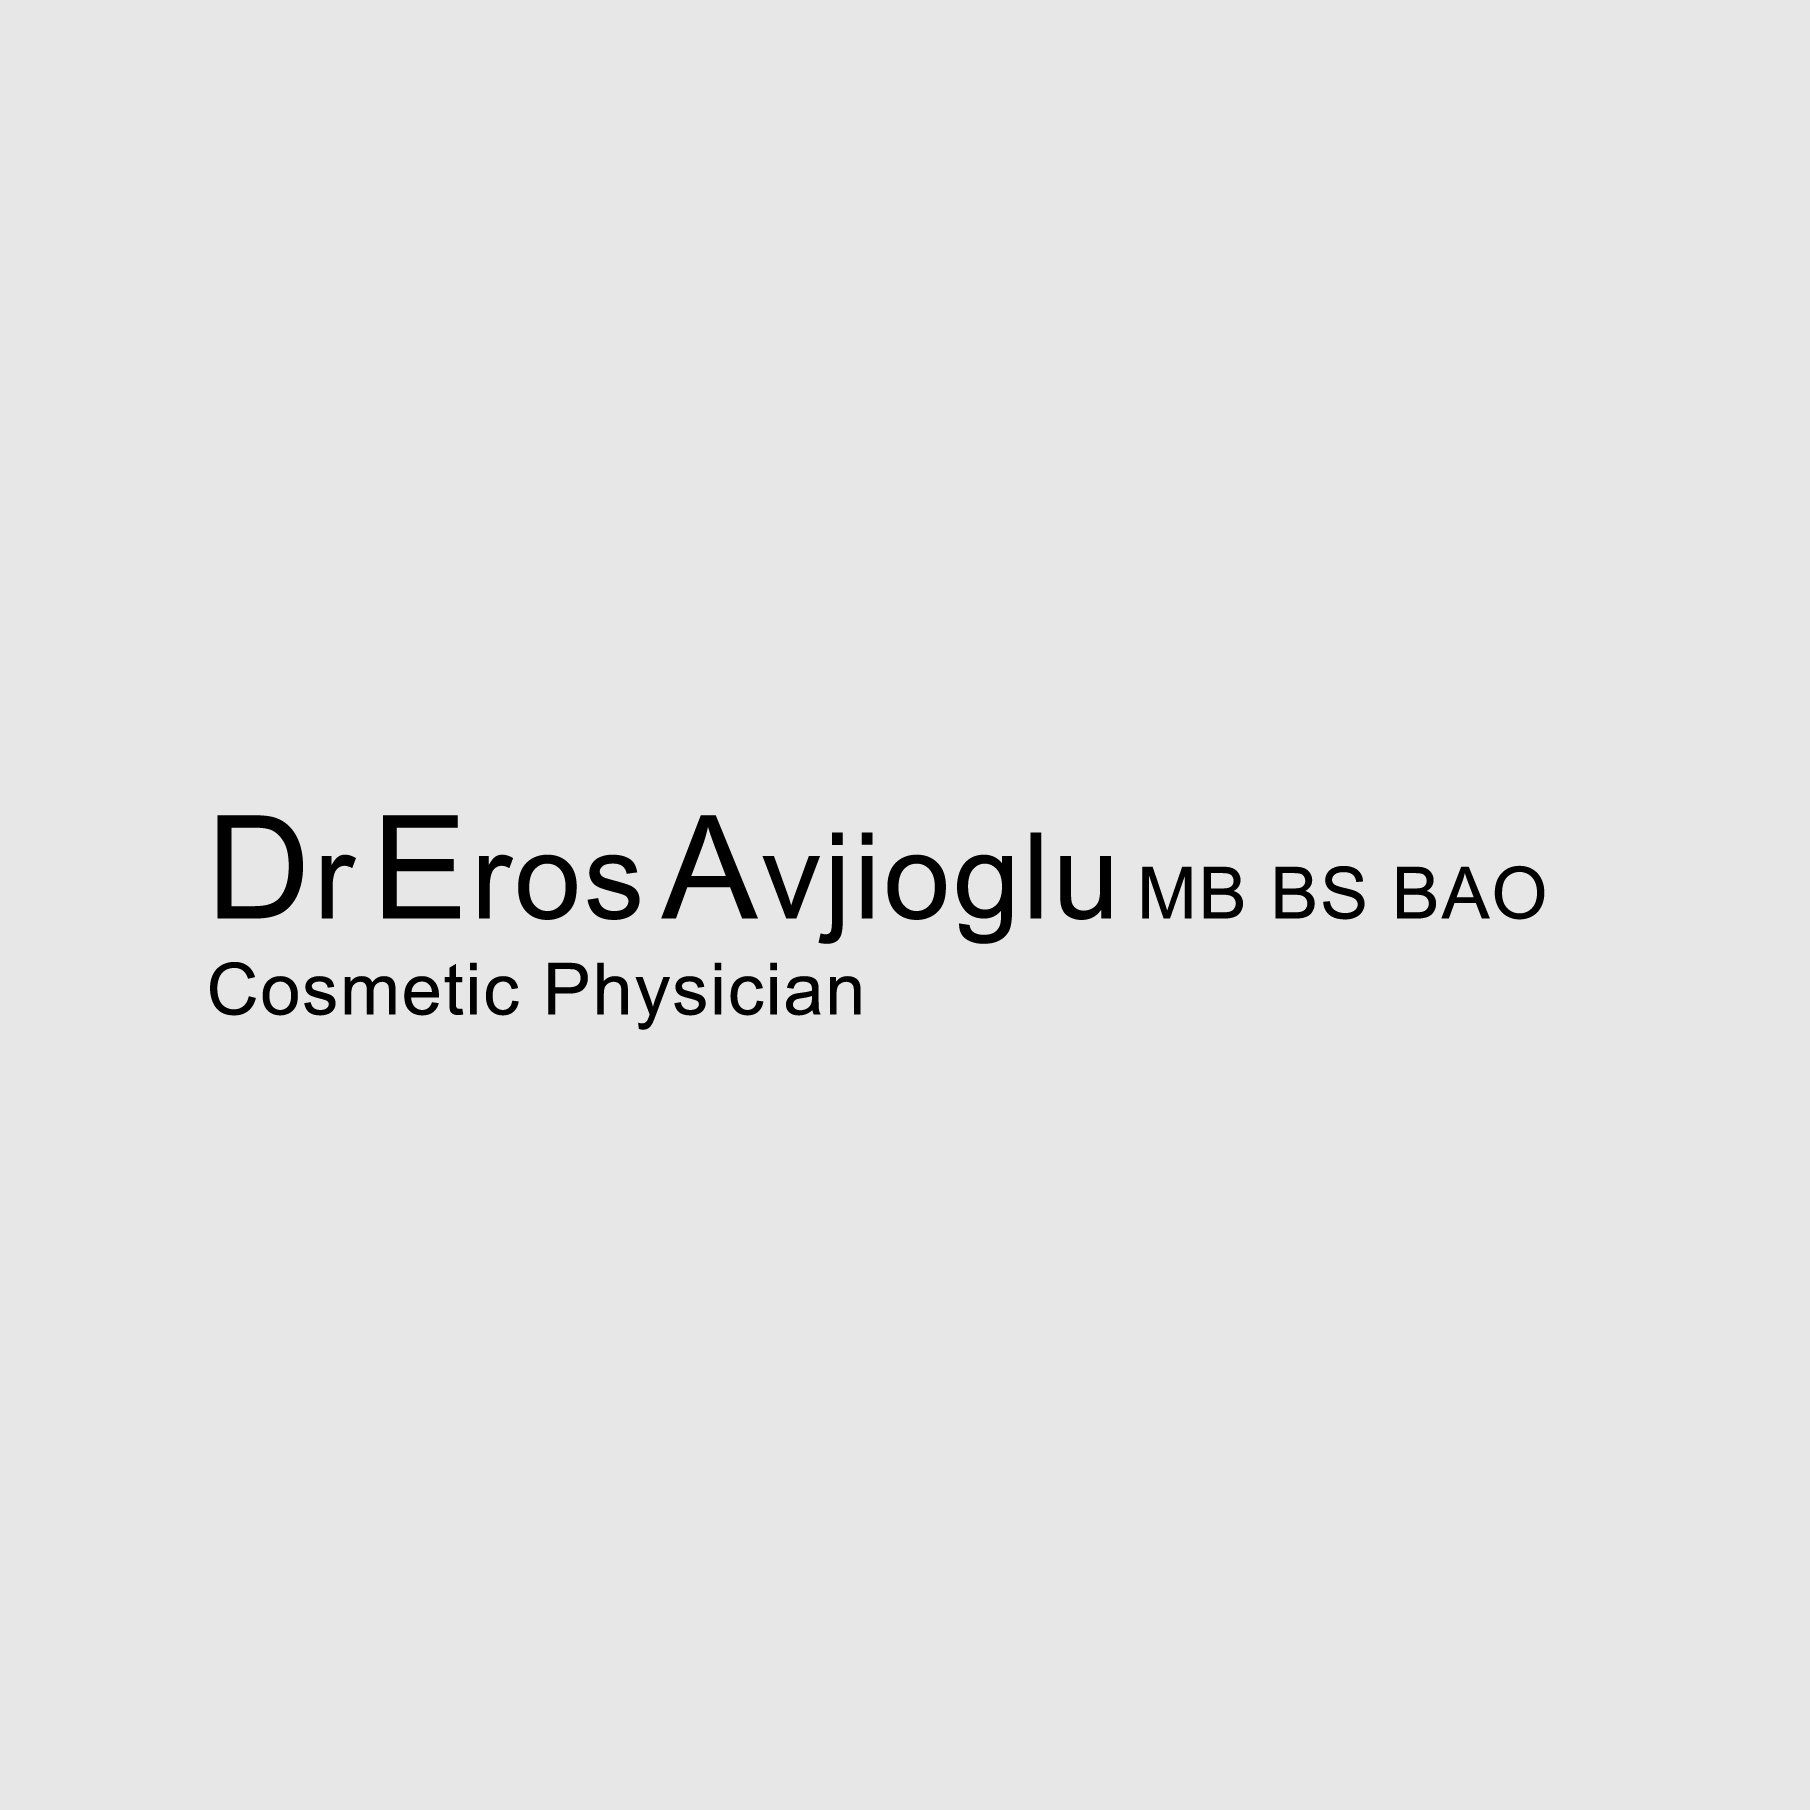 Dr Eros